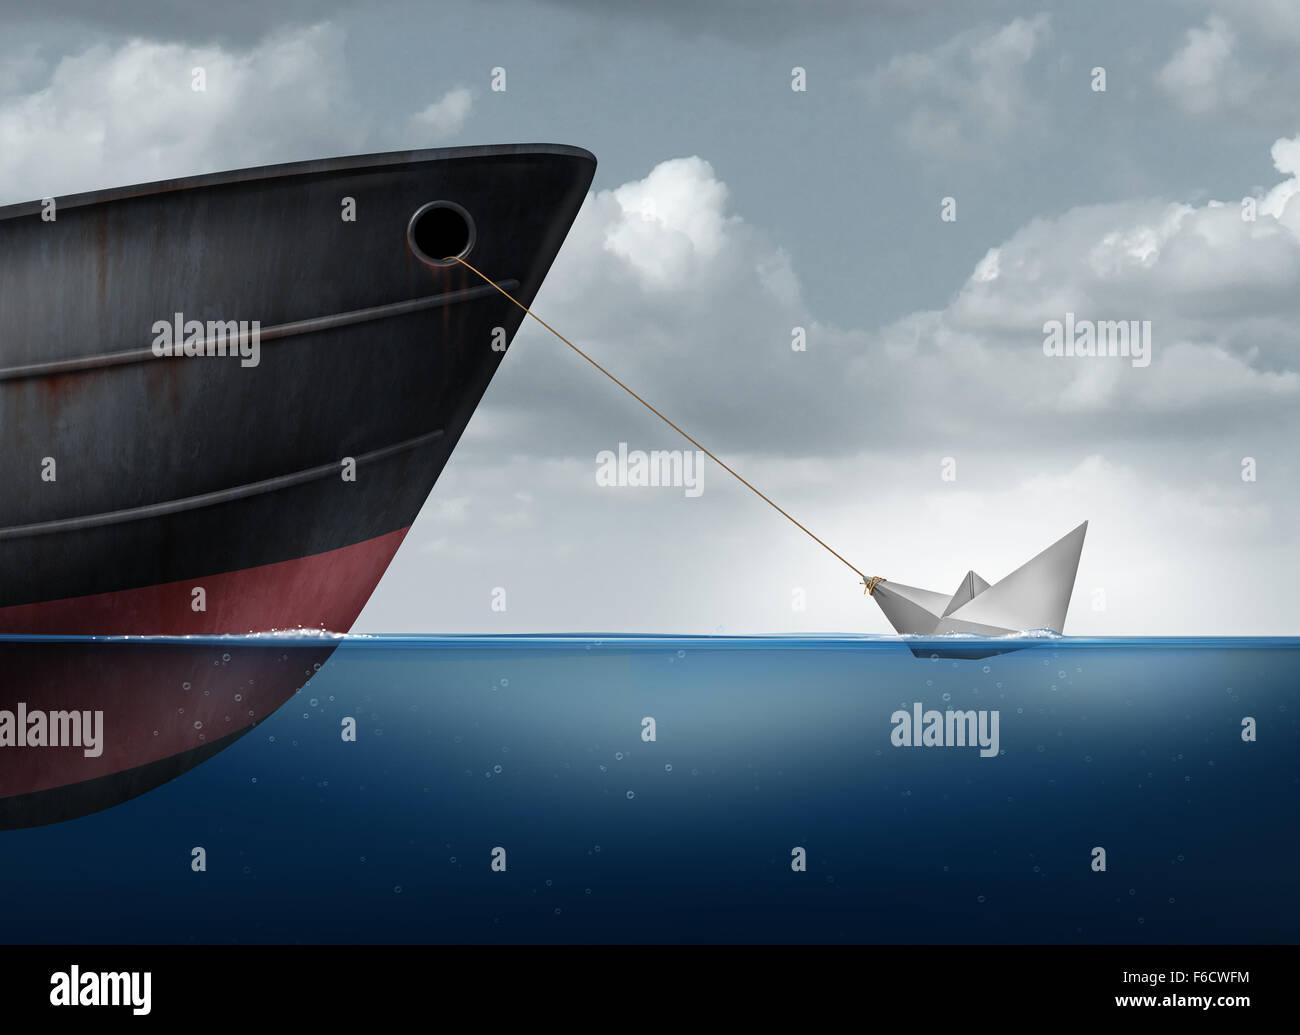 Una potencia increíble concepto como un pequeño barco de papel en el océano tirando de un enorme Imagen De Stock